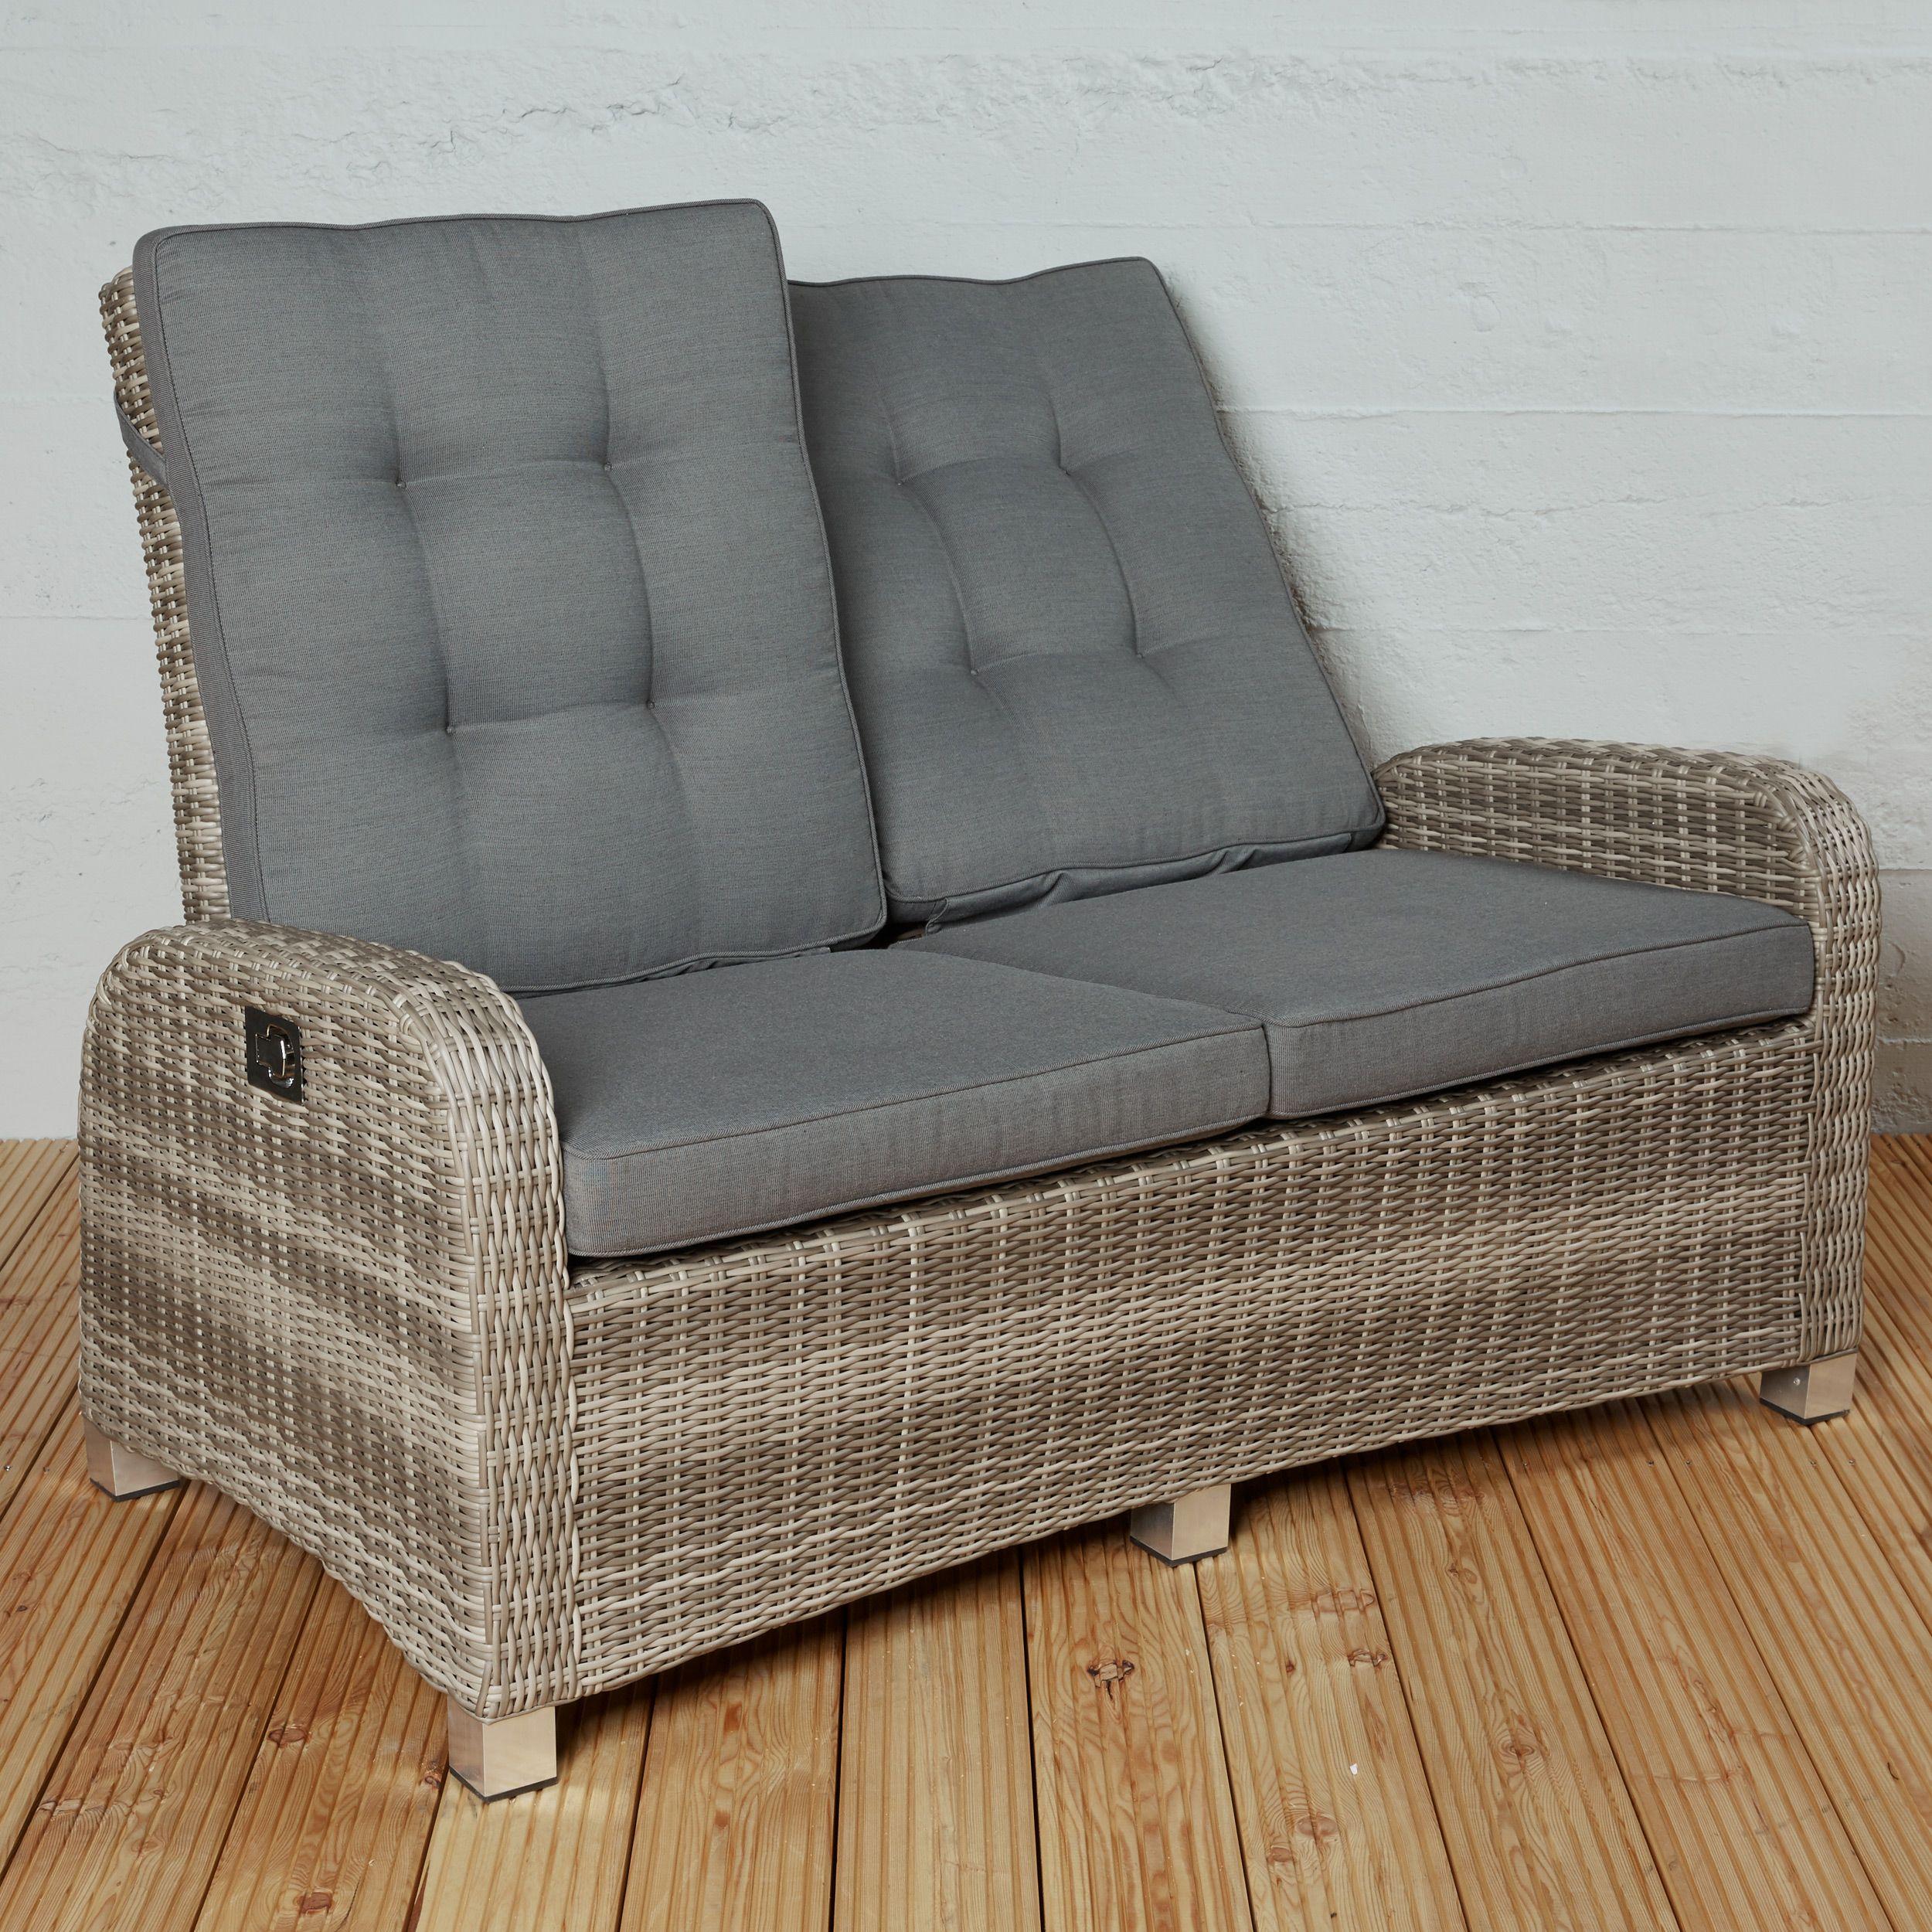 Poly Rattan Gartensofa Couch Terrassensofa 2 Sitzer Braun Gartenmbel Set WohnzimmerSofaSofas